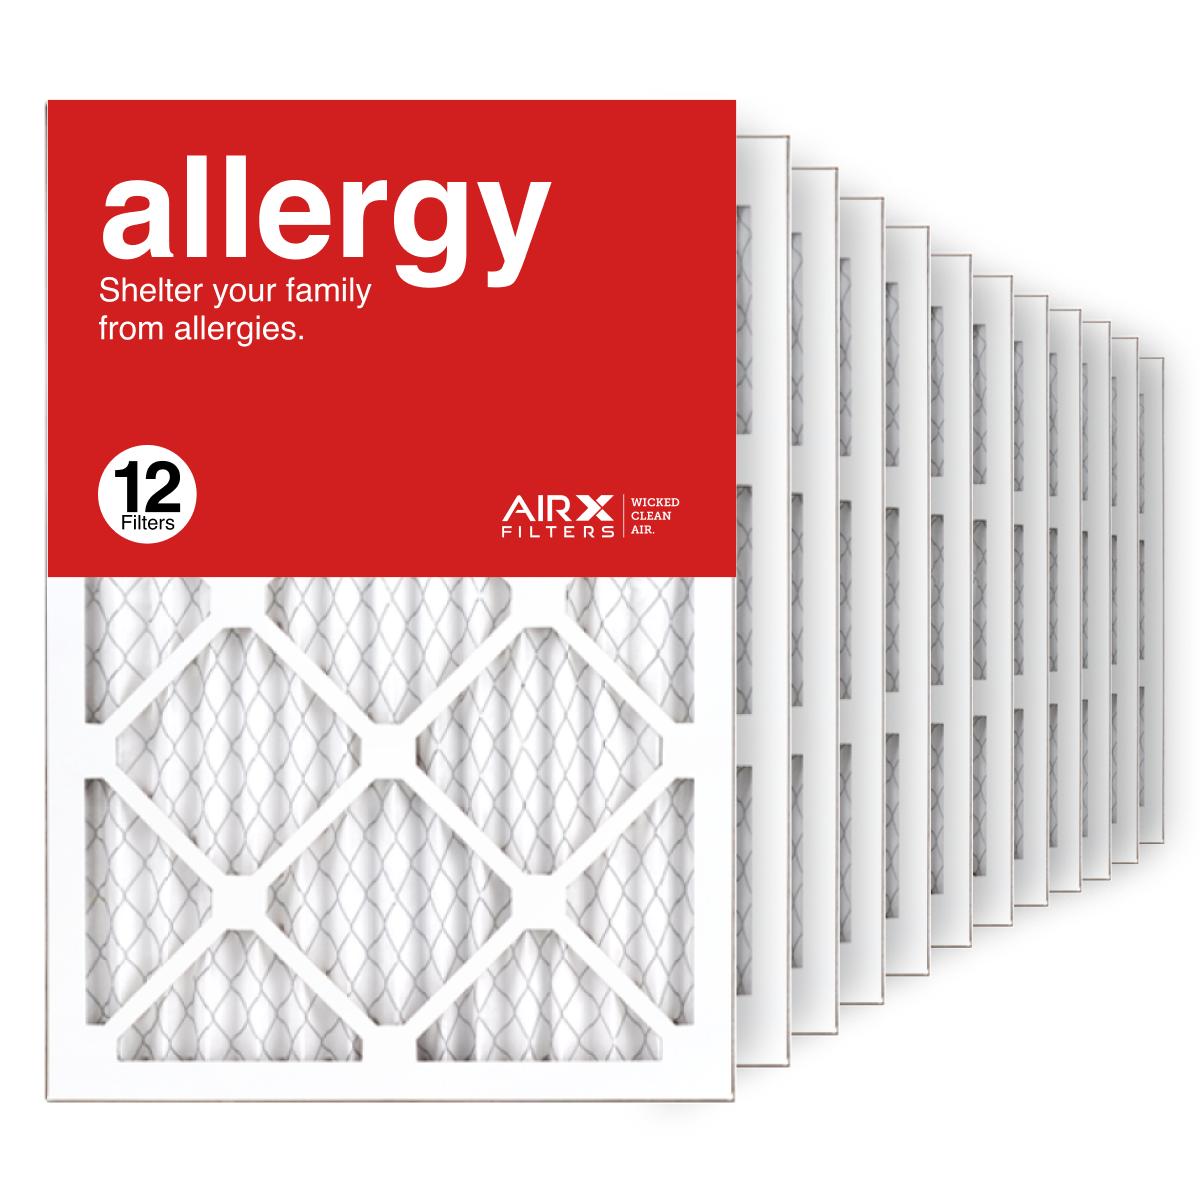 14x20x1 AIRx ALLERGY Air Filter, 12-Pack